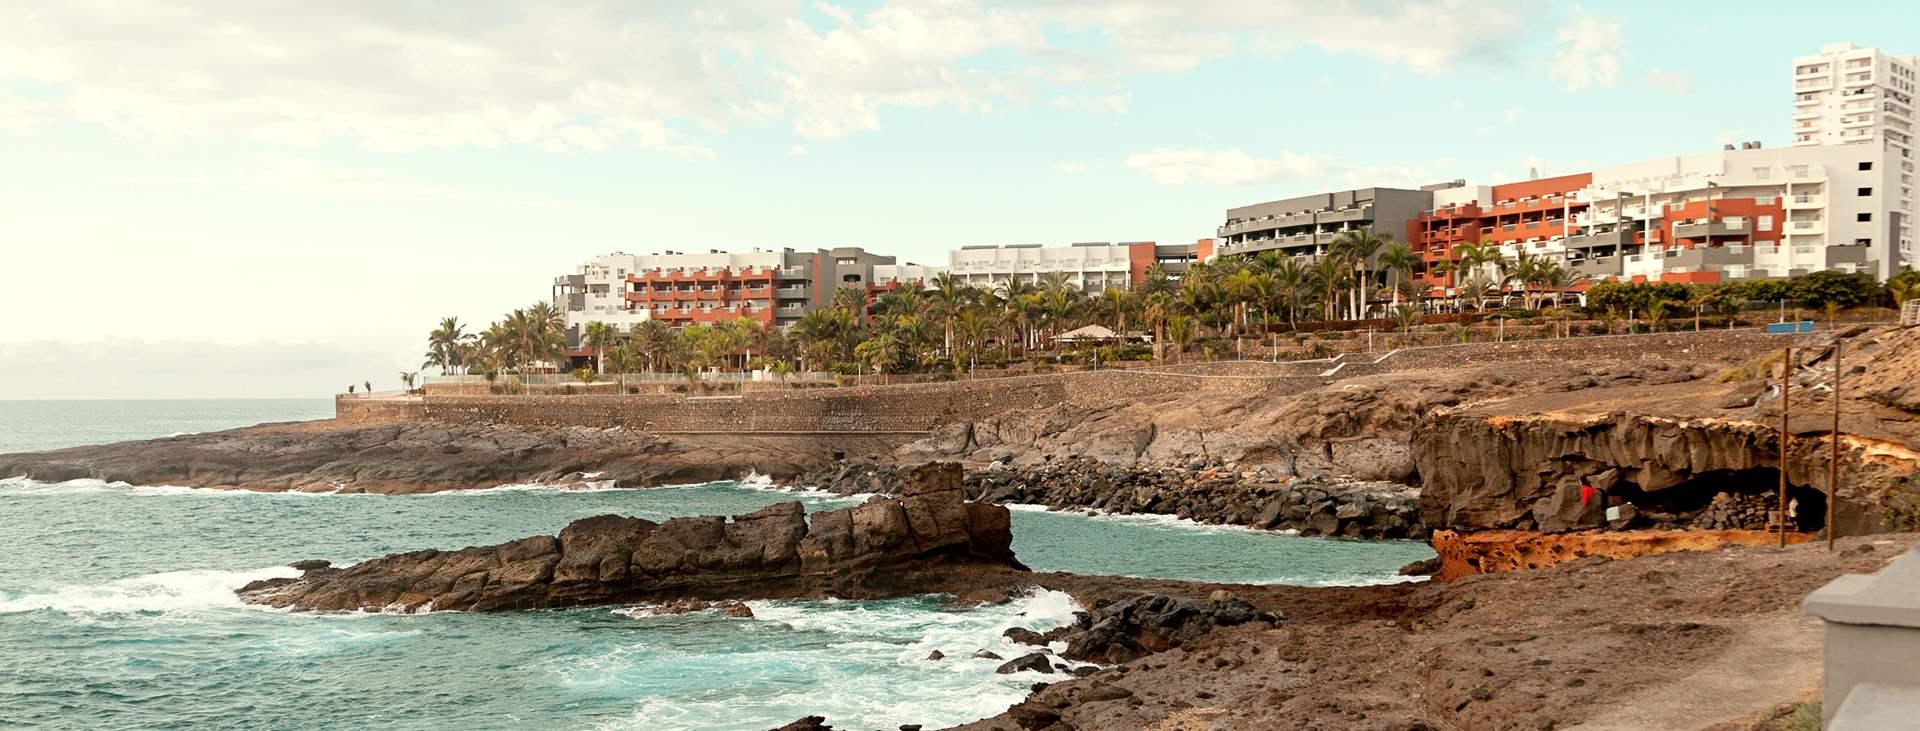 Bestill en reise til barnevennlige Playa Paraiso på Tenerife